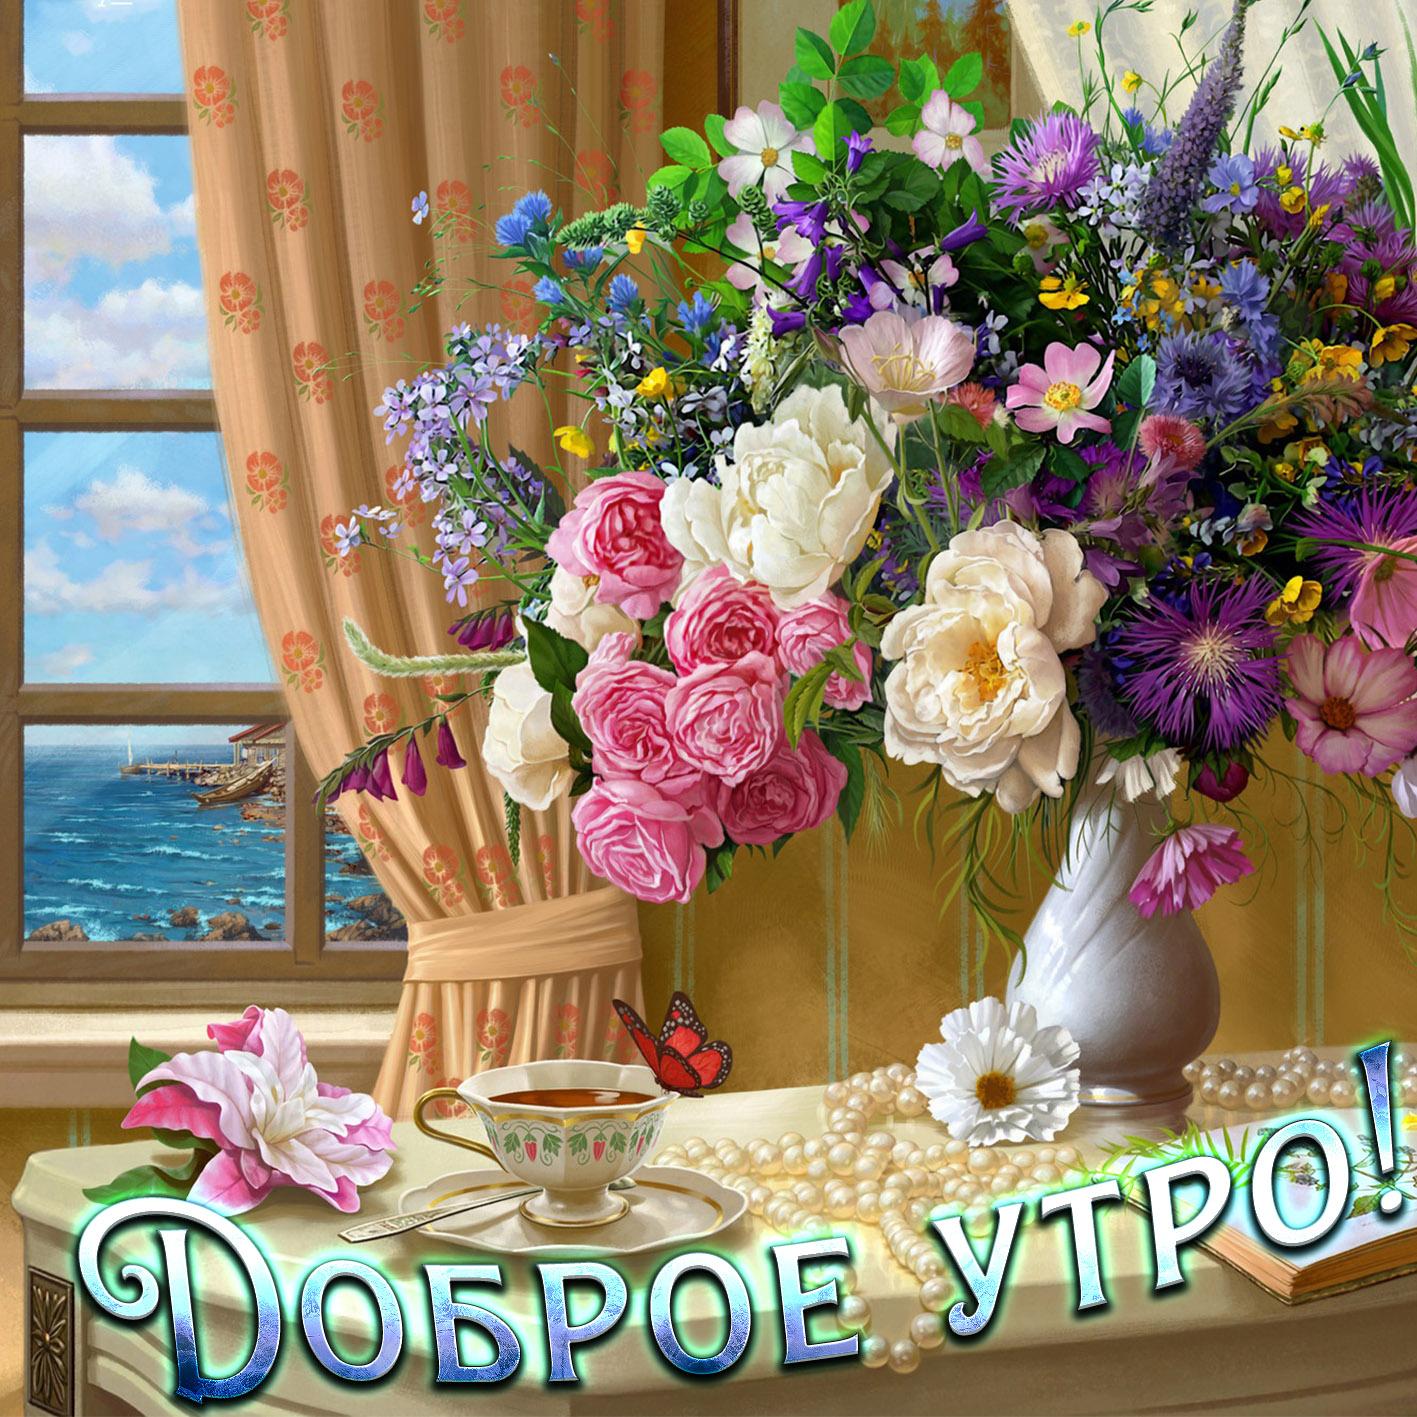 Открытка доброе утро с букетом цветов на столе